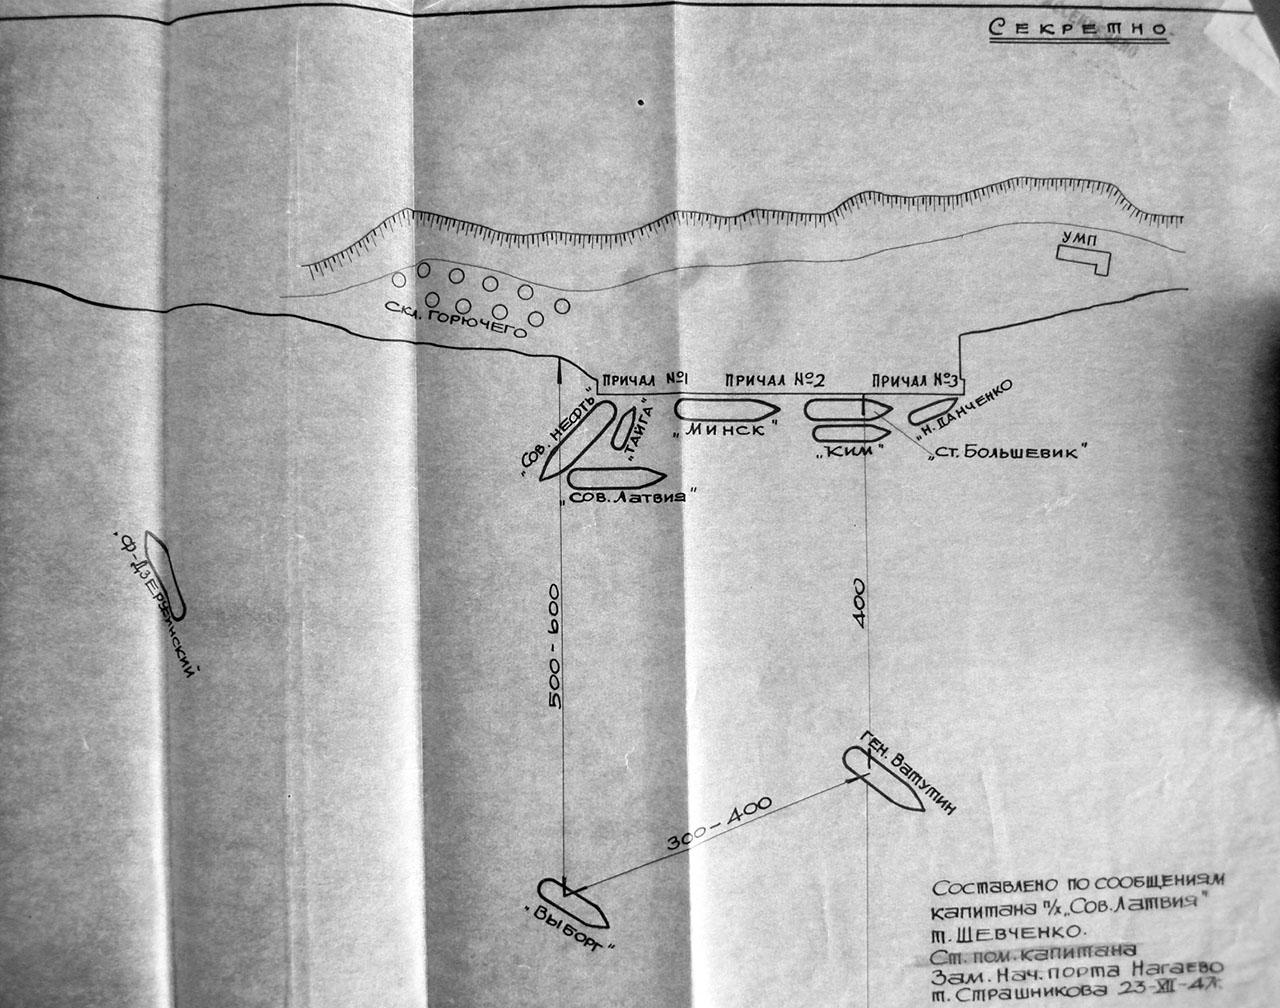 Схема расположения судов у причала морского торгового порта в бухте Нагаева на 19 декабря 1947 года. Составлено по словам капитана «Советская Латвия» Шевченко.